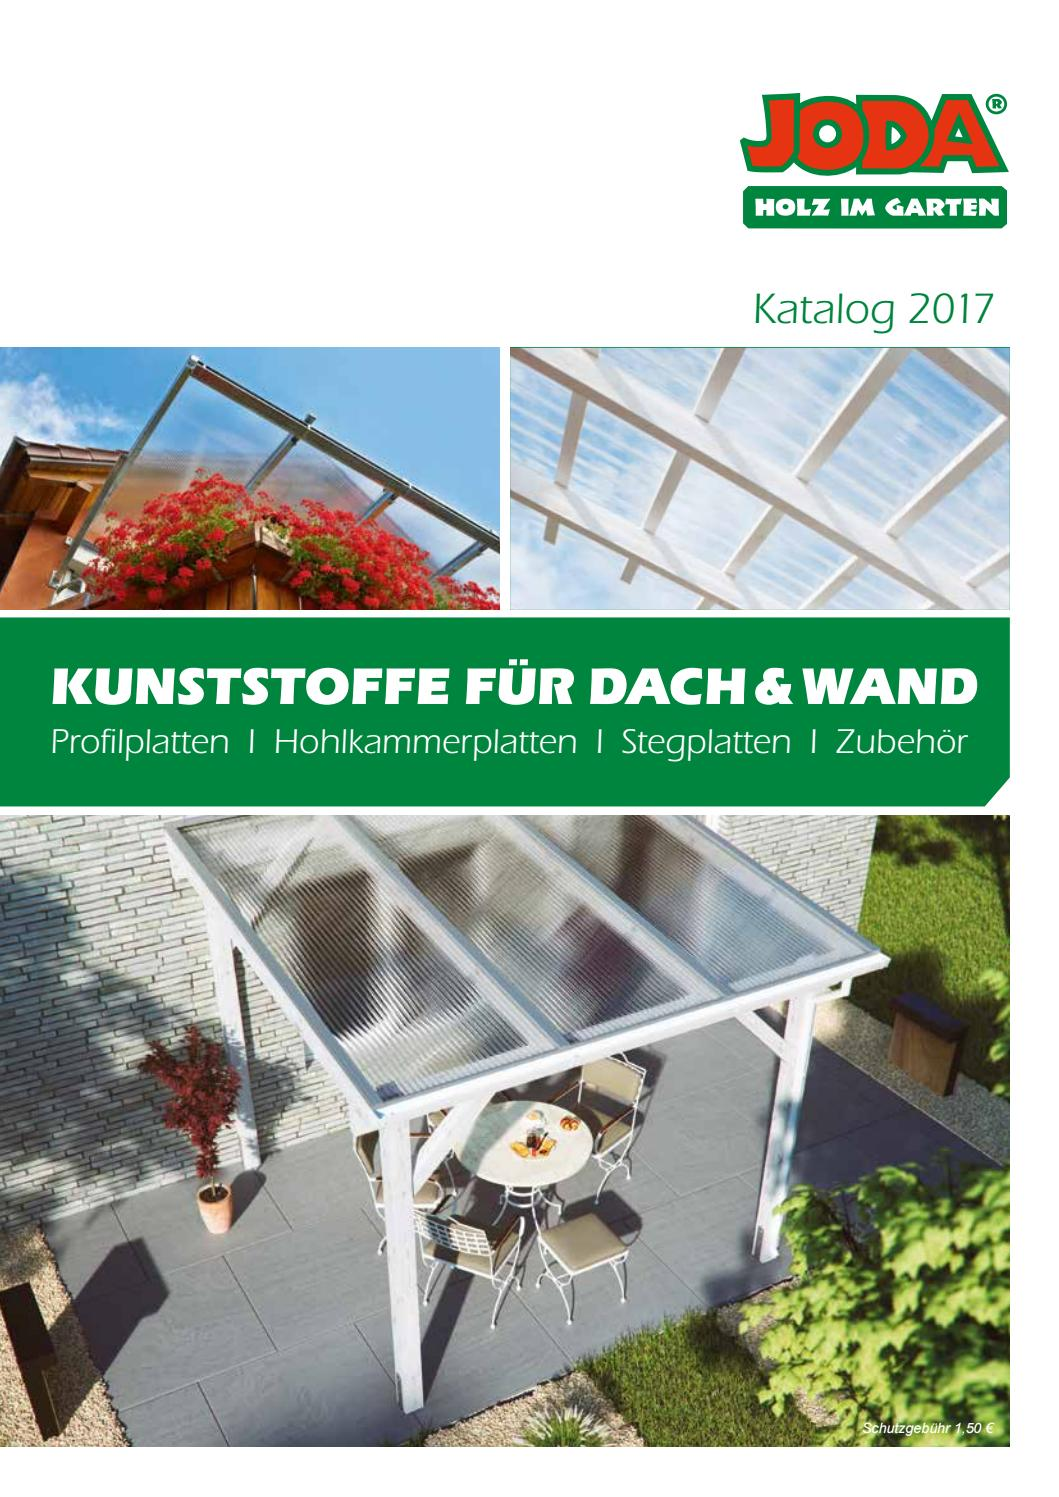 Joda - Kunststoffe Für Dach Und Wand By Kaiser Design - Issuu